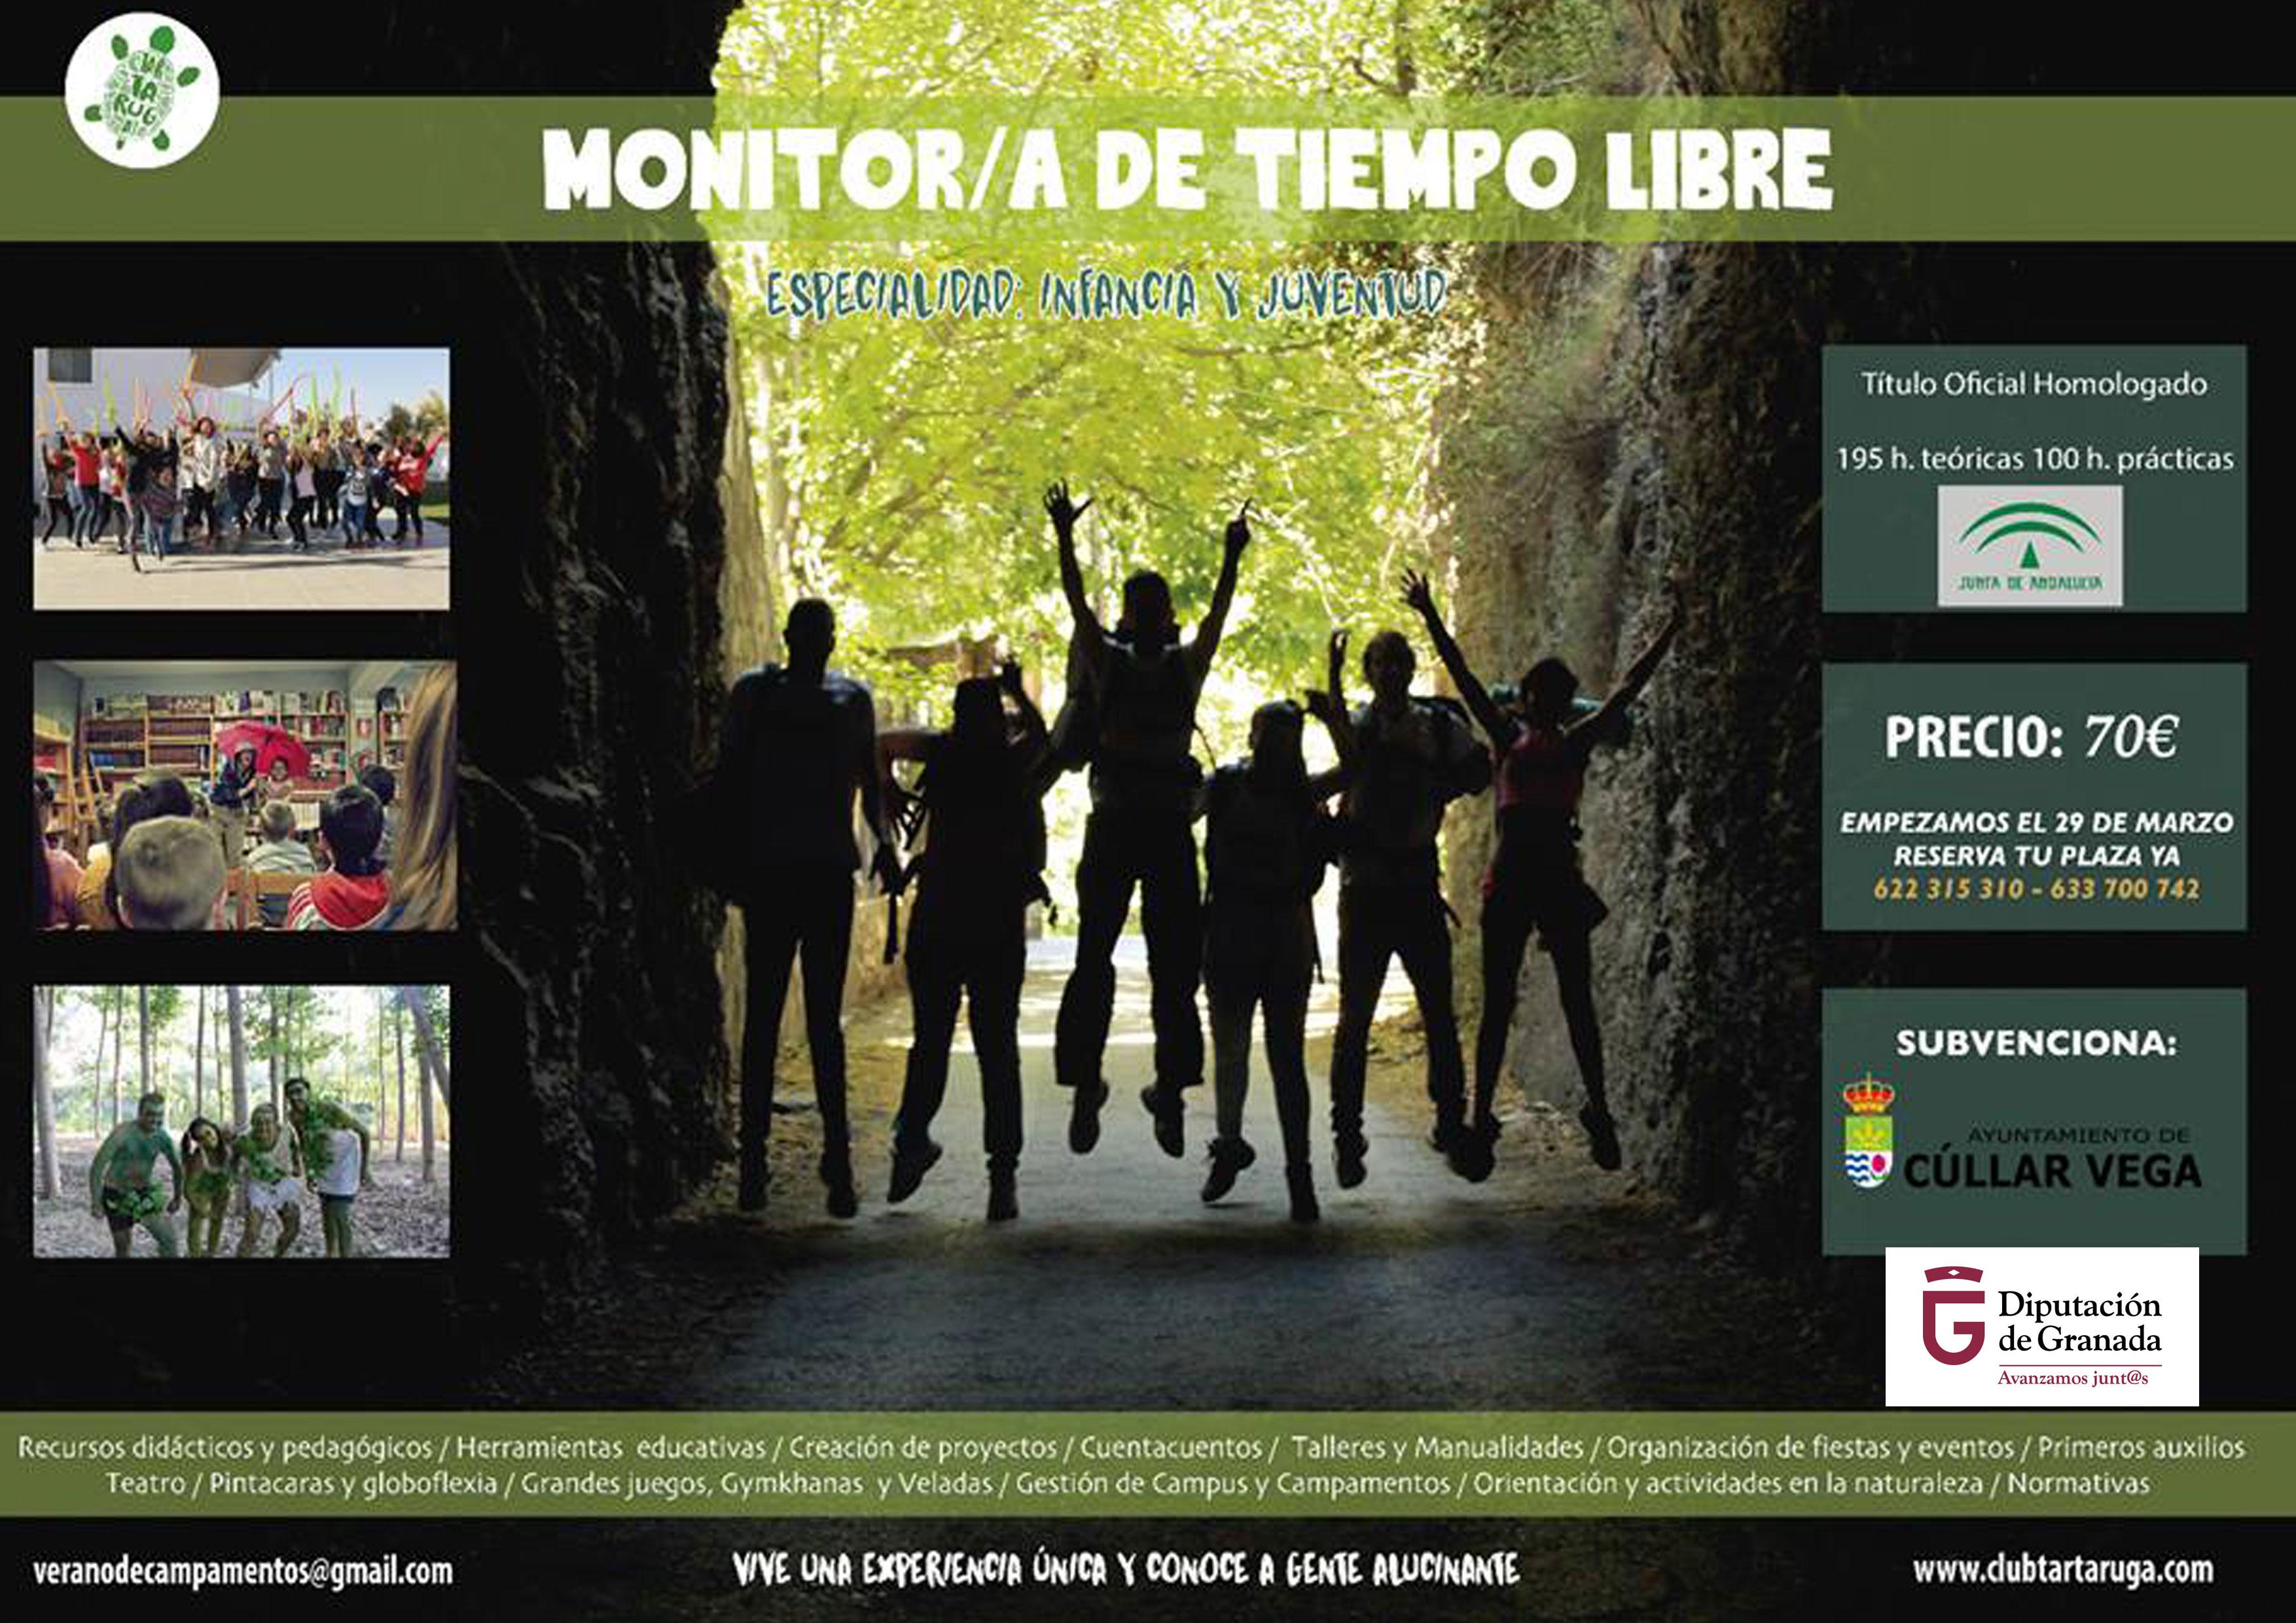 Curso oficial de Monitor de tiempo Libre (especialidad Infantil y Juventud)